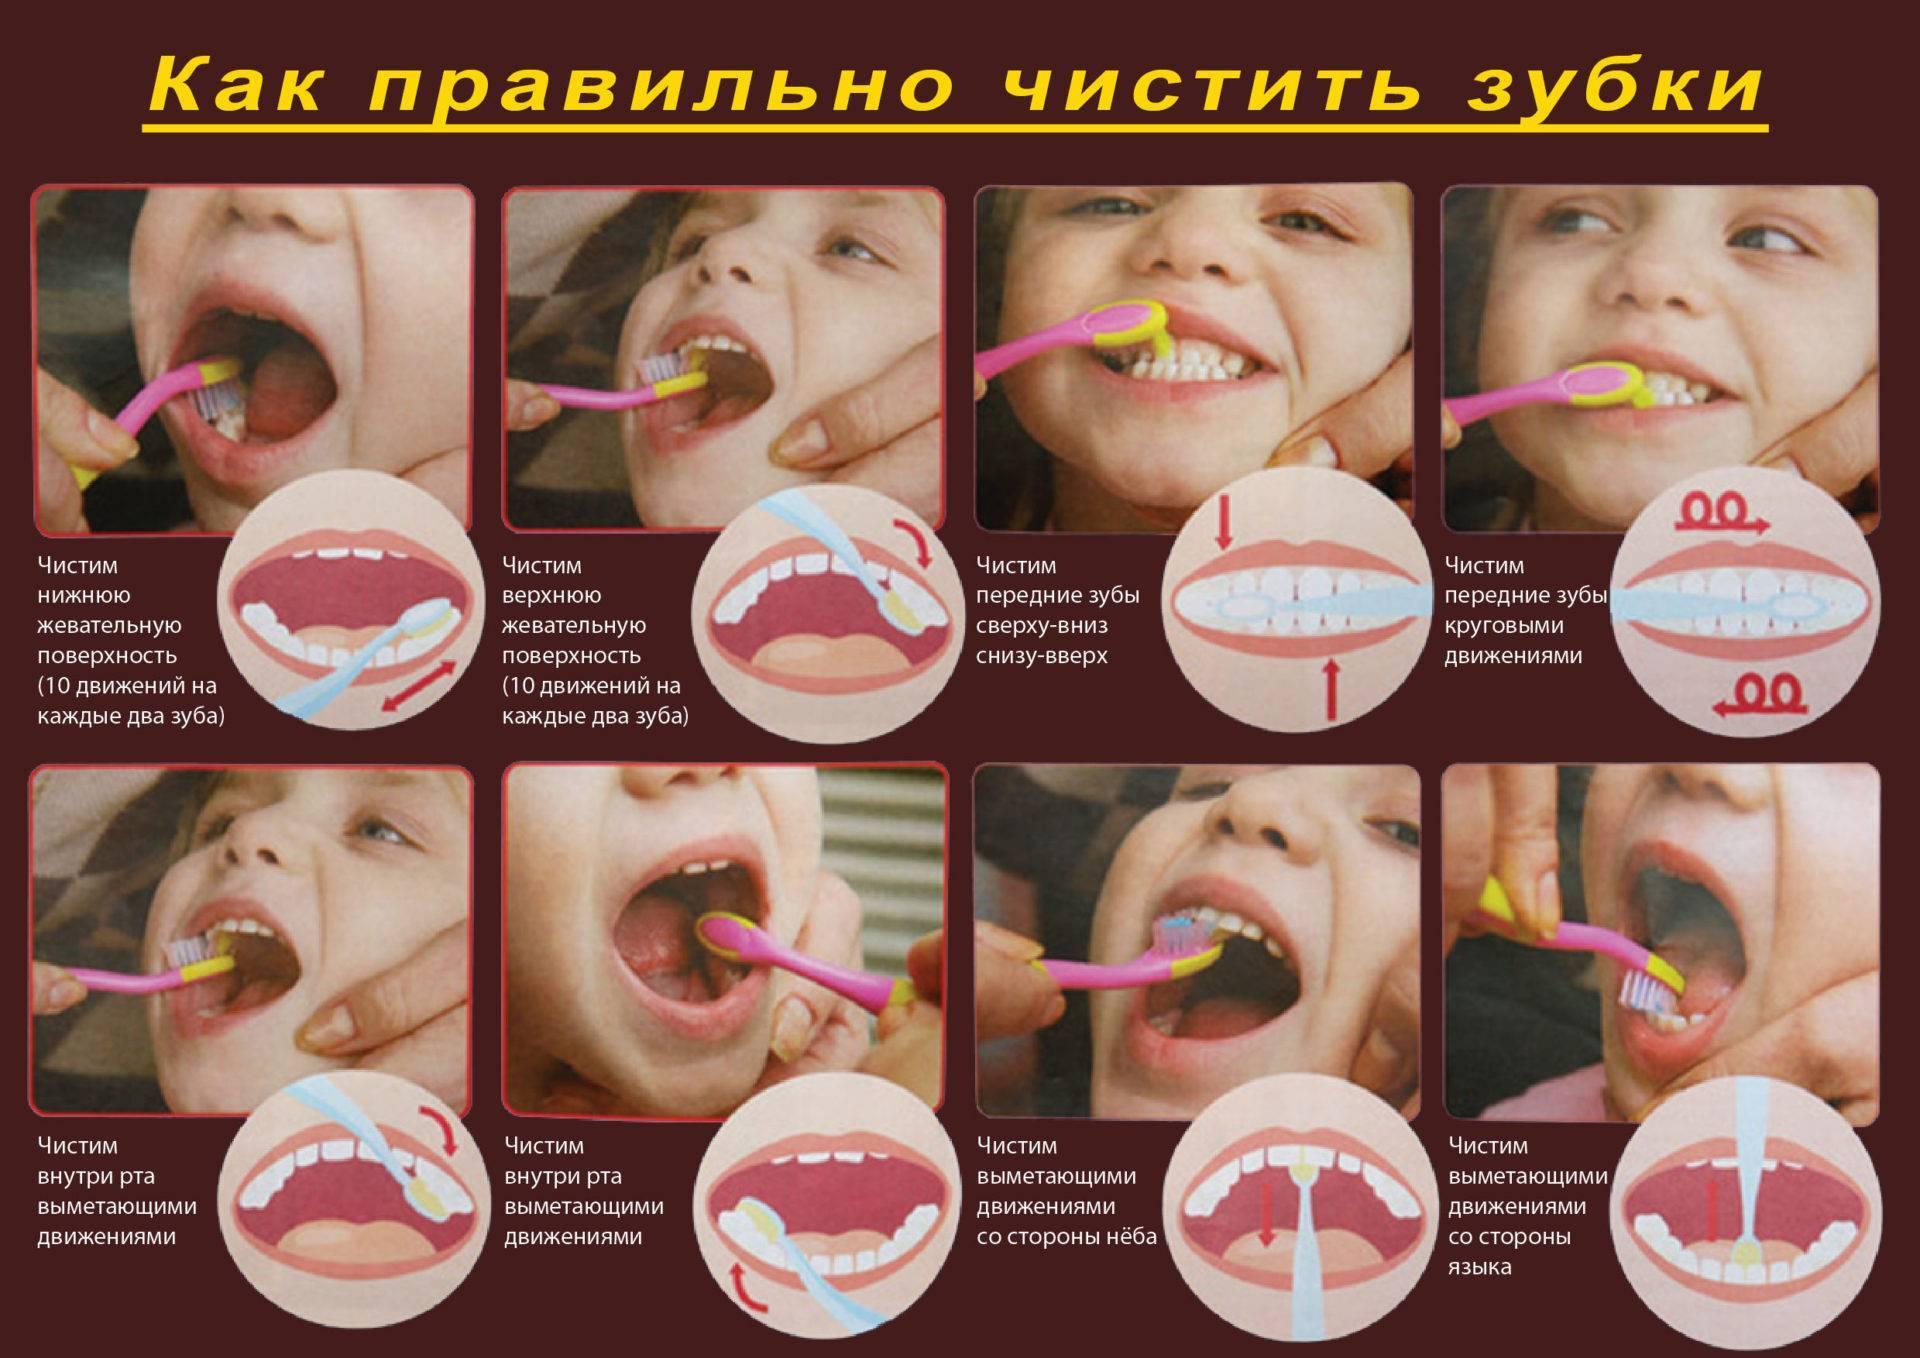 Как правильно чистить зубы детям в разном возрасте